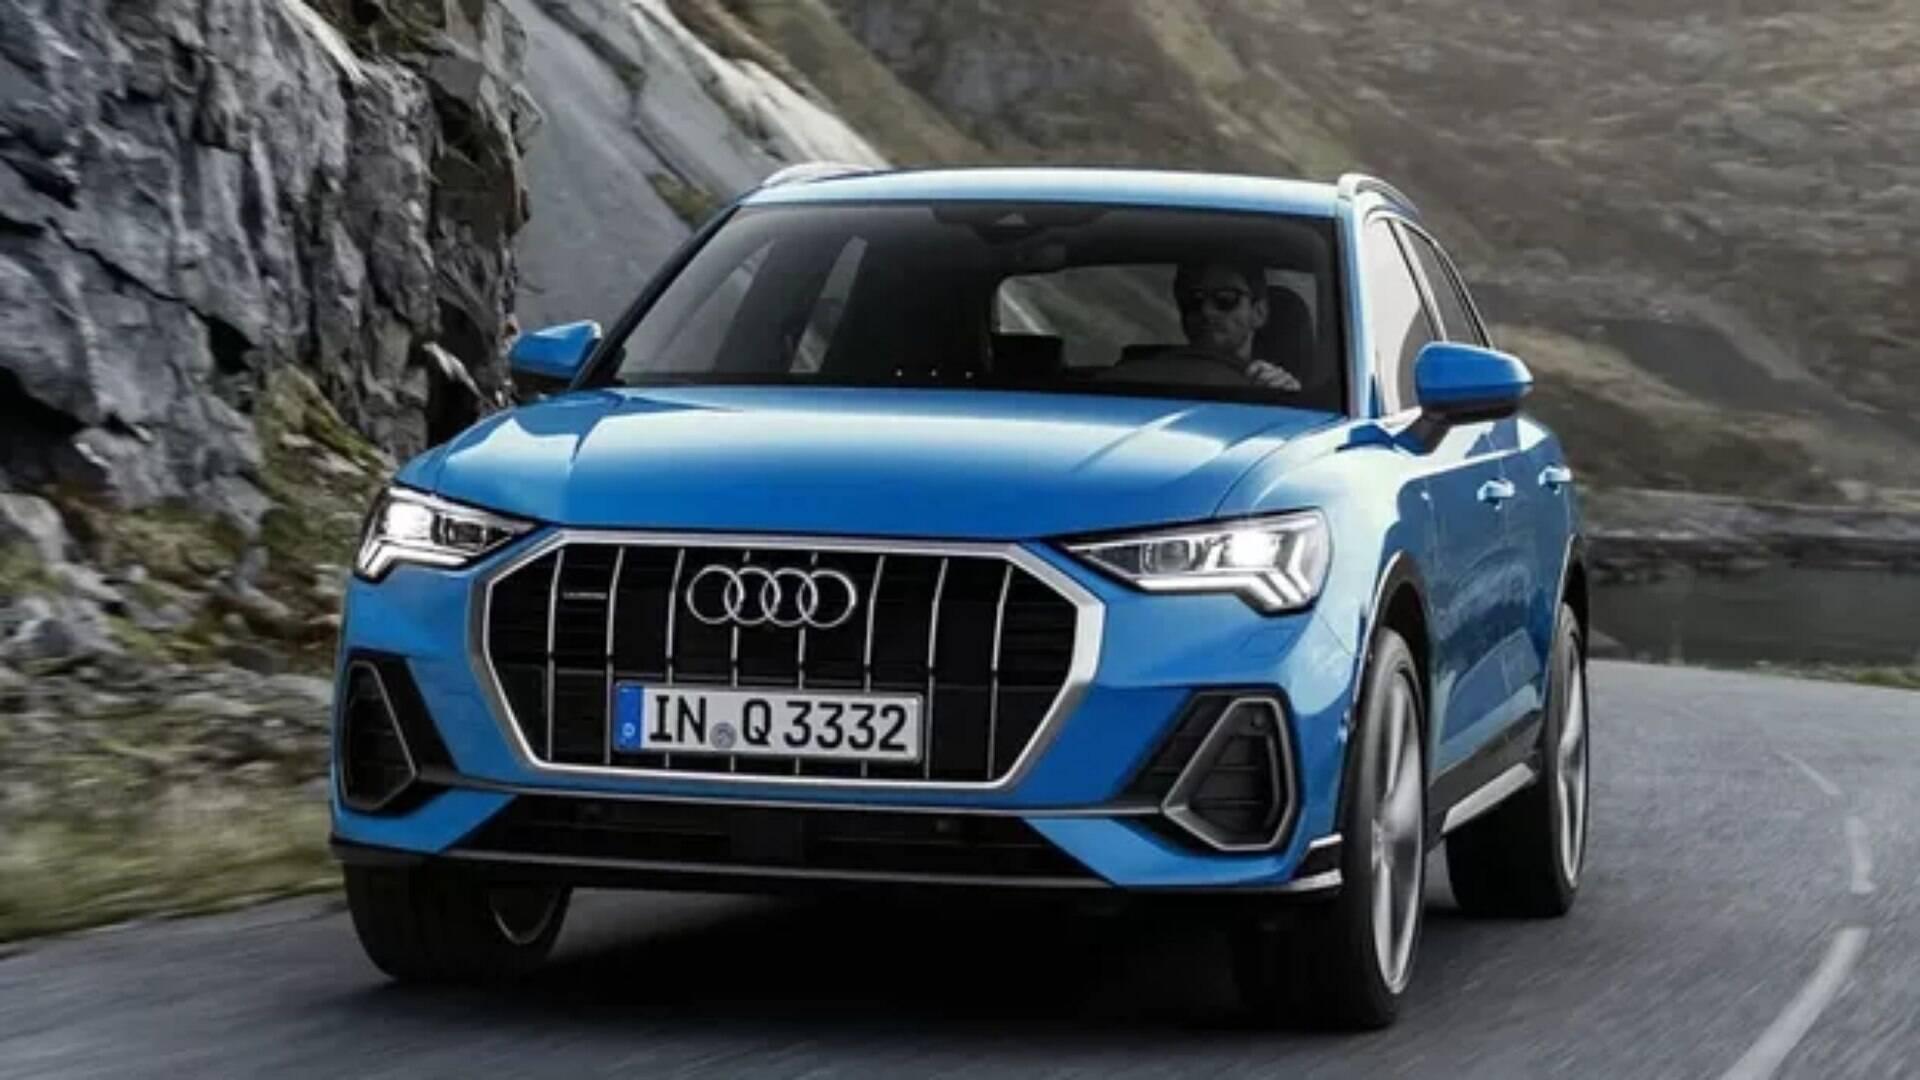 Nova Geracao Do Audi Q3 Chegara Ao Brasil No Inicio De 2020 Carros Ig